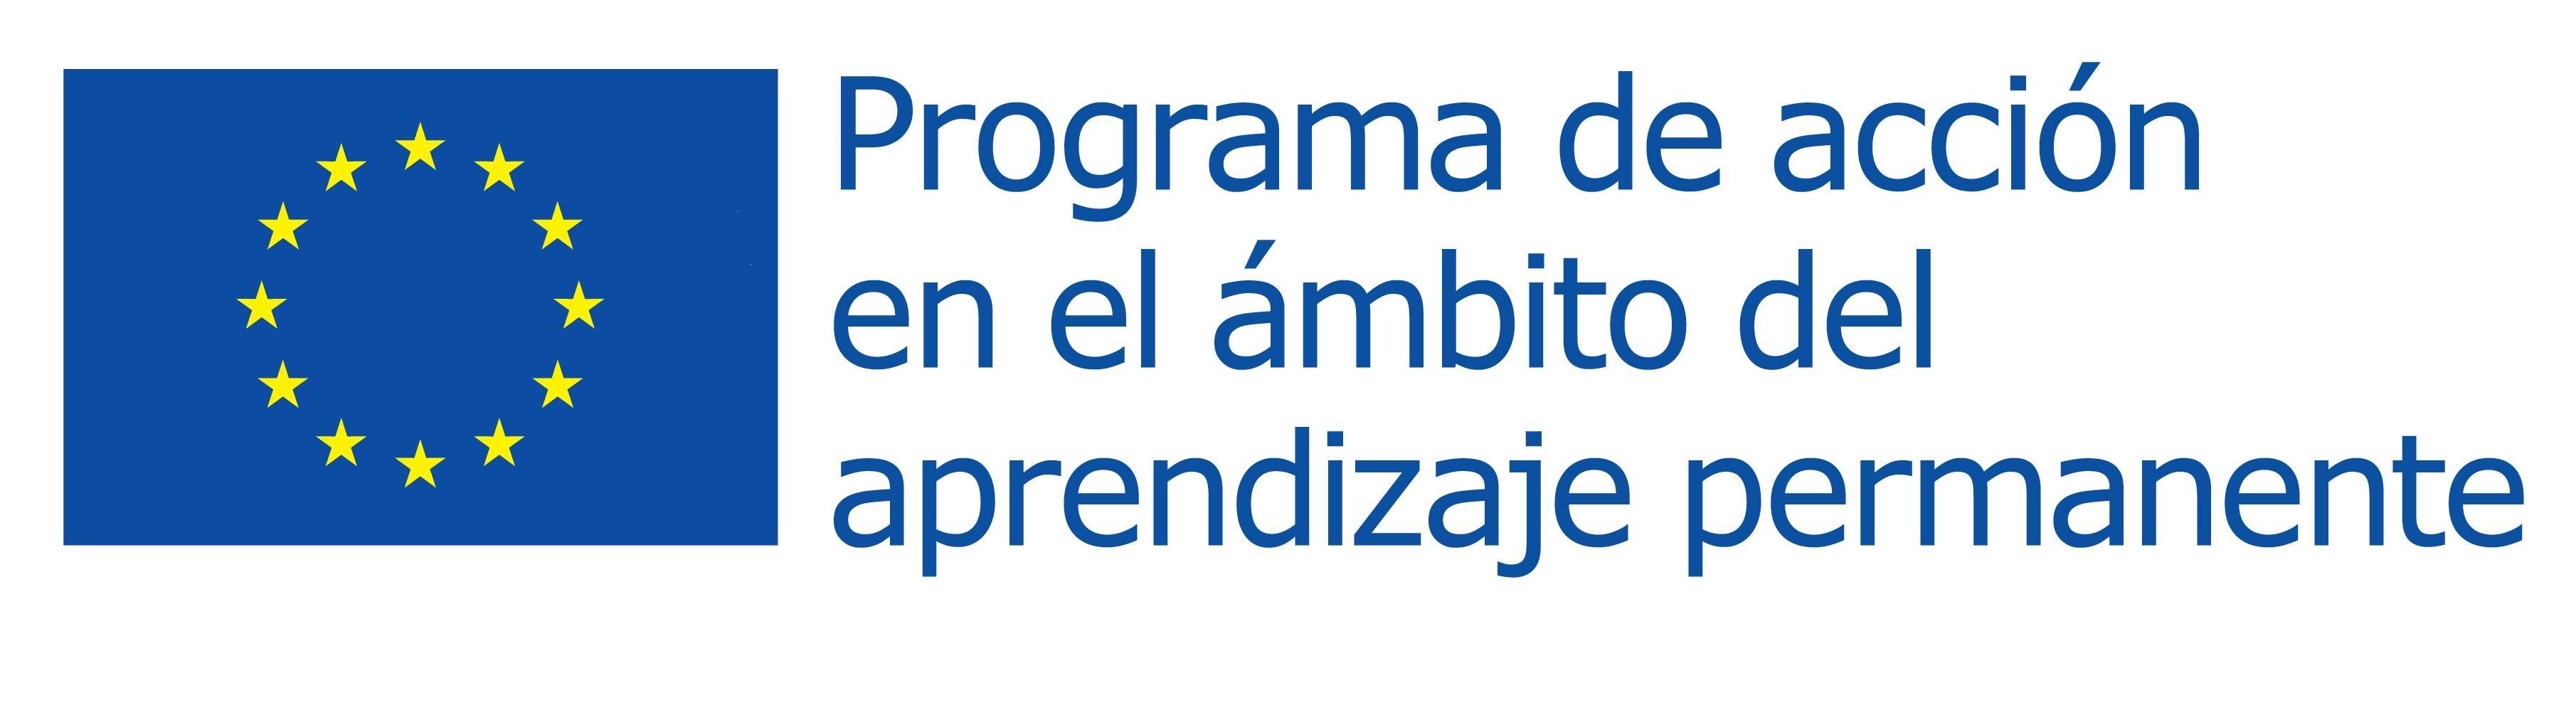 Programa de acción no ámbito da aprendizaxe permanente